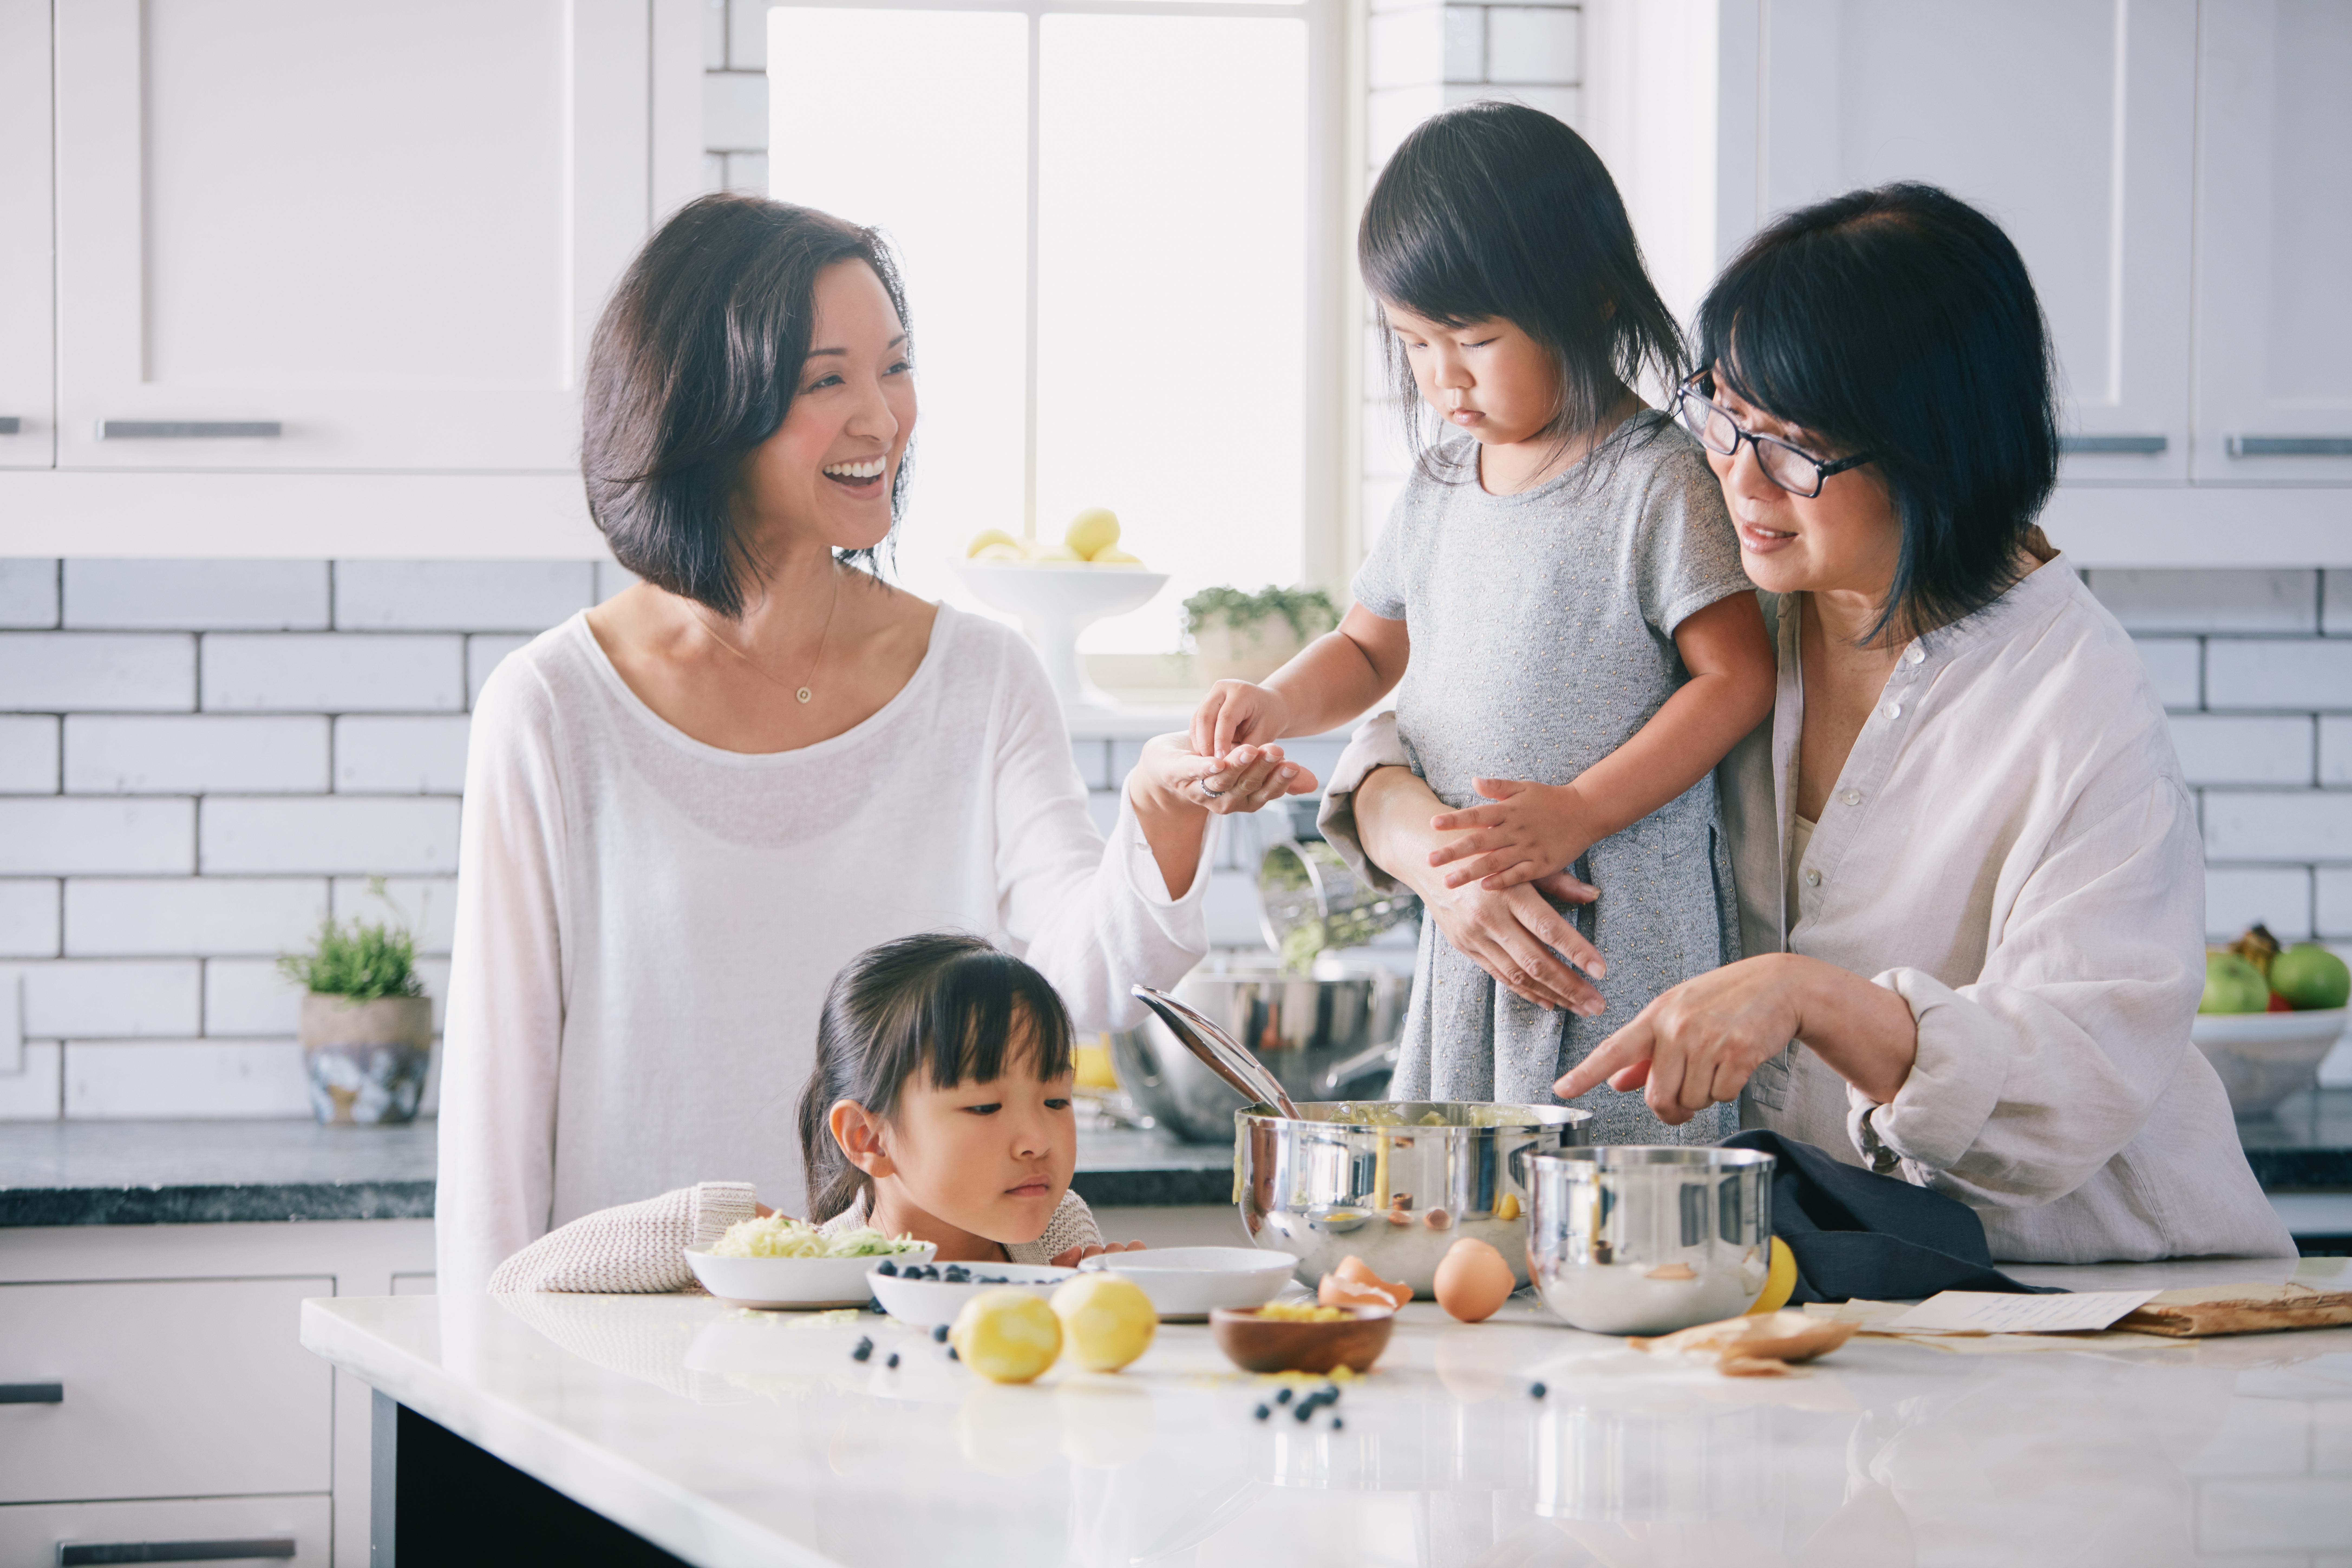 kitchen-family-baking-2